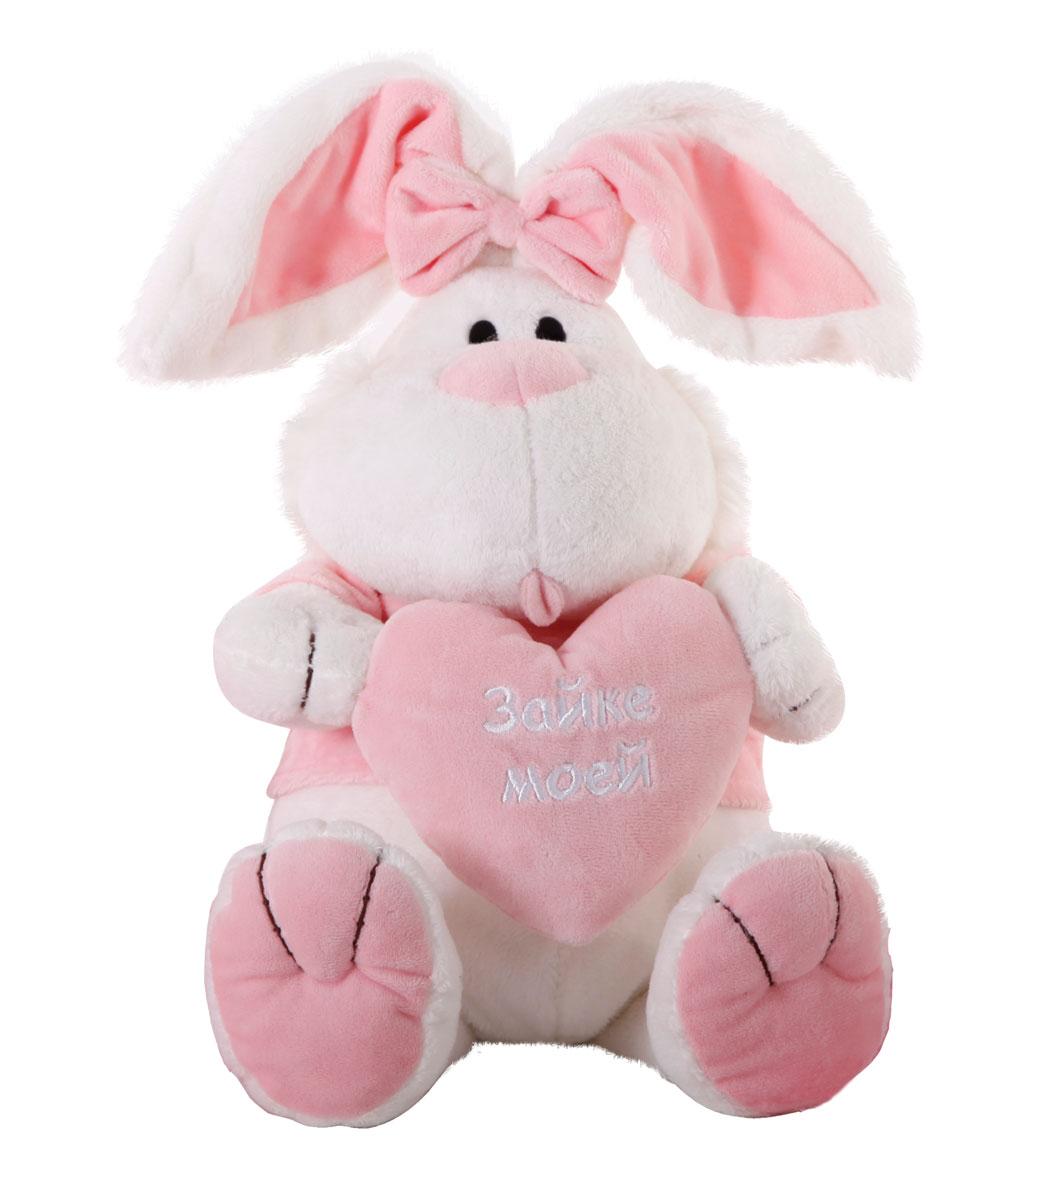 """Кролик сидячий с сердечком """"Зайке моей"""", 40 см - 1"""